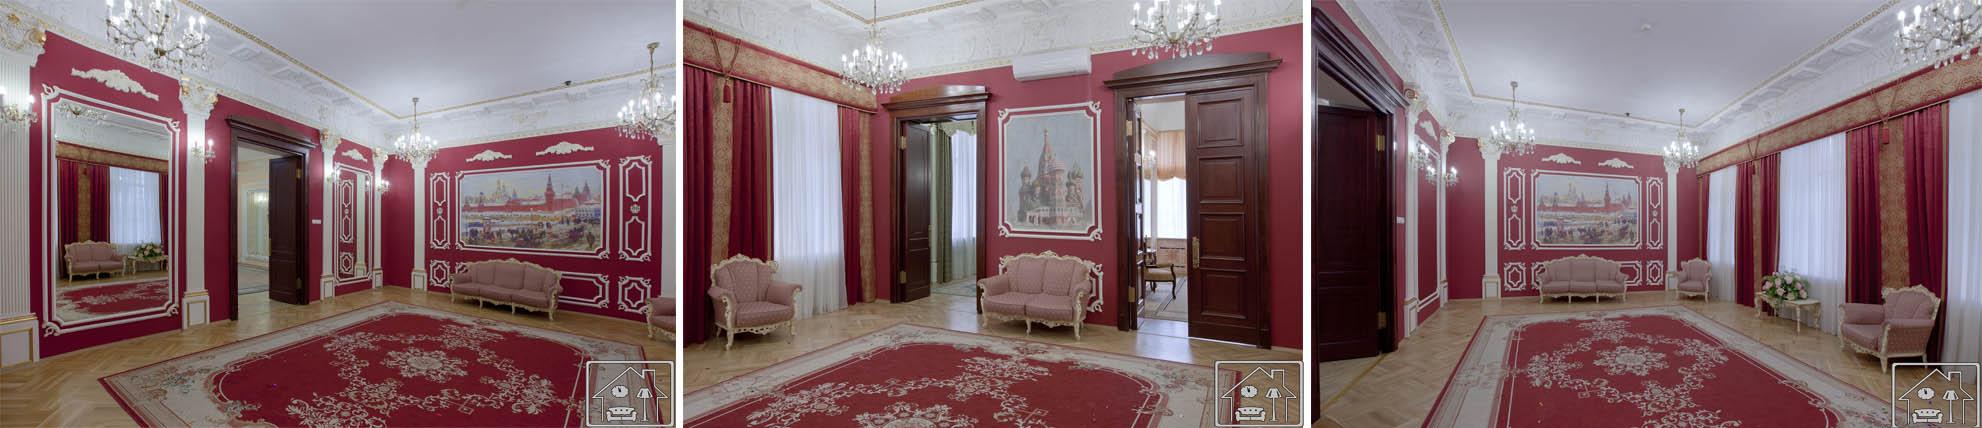 Грибоедоский ЗАГС Красный зал,фрески, ручная позолота колонн и лепного декора